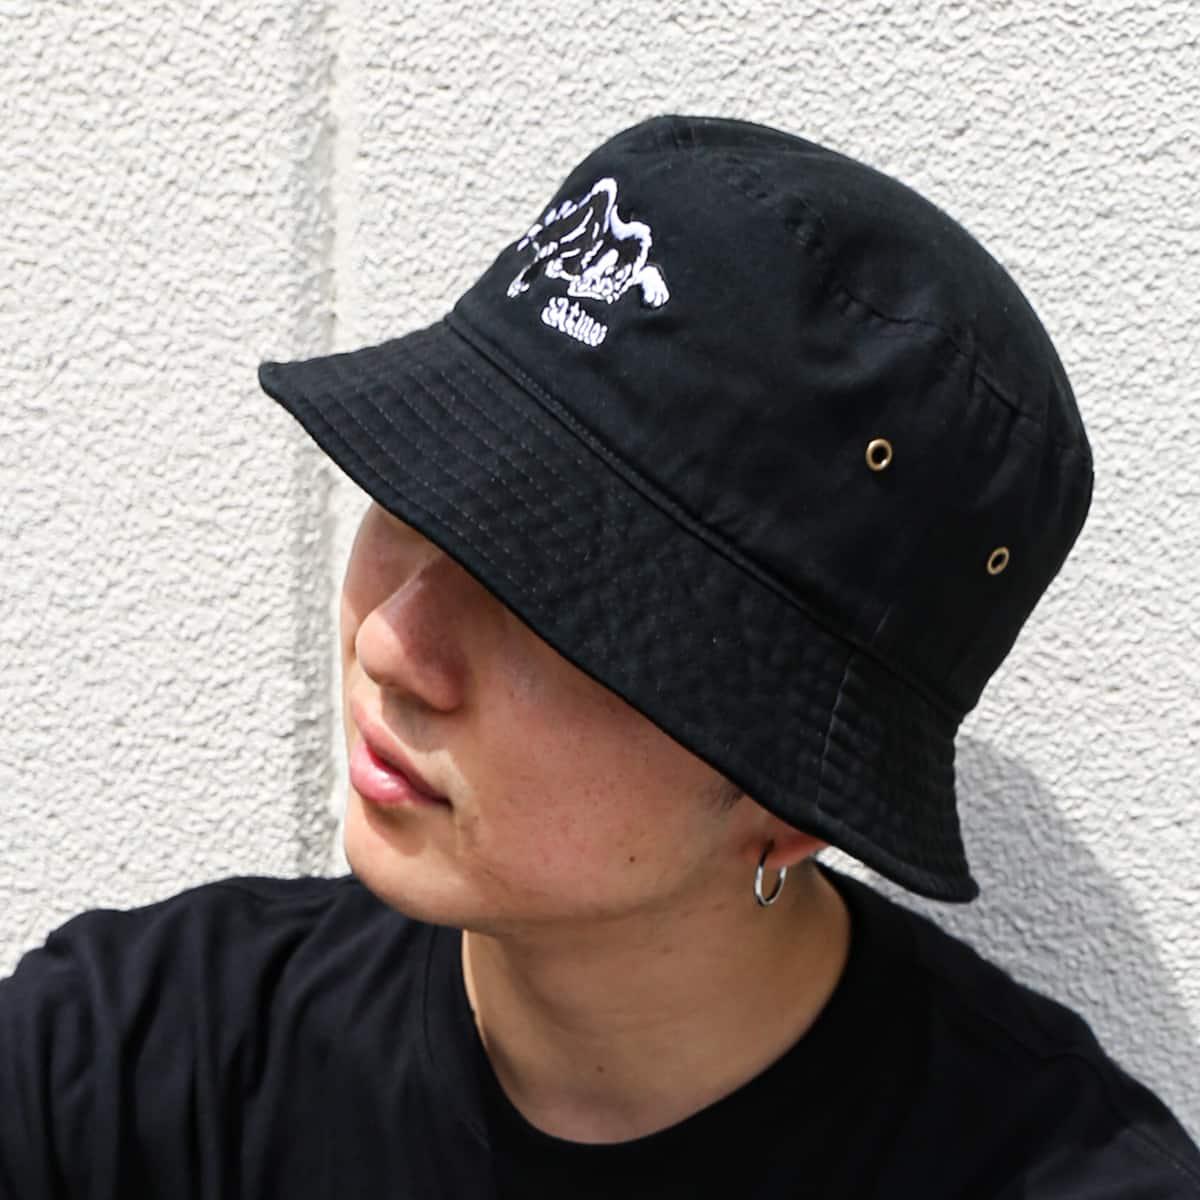 atmos x KOUSUKE SHIMIZU HAT BLACK 21SP-I_photo_large